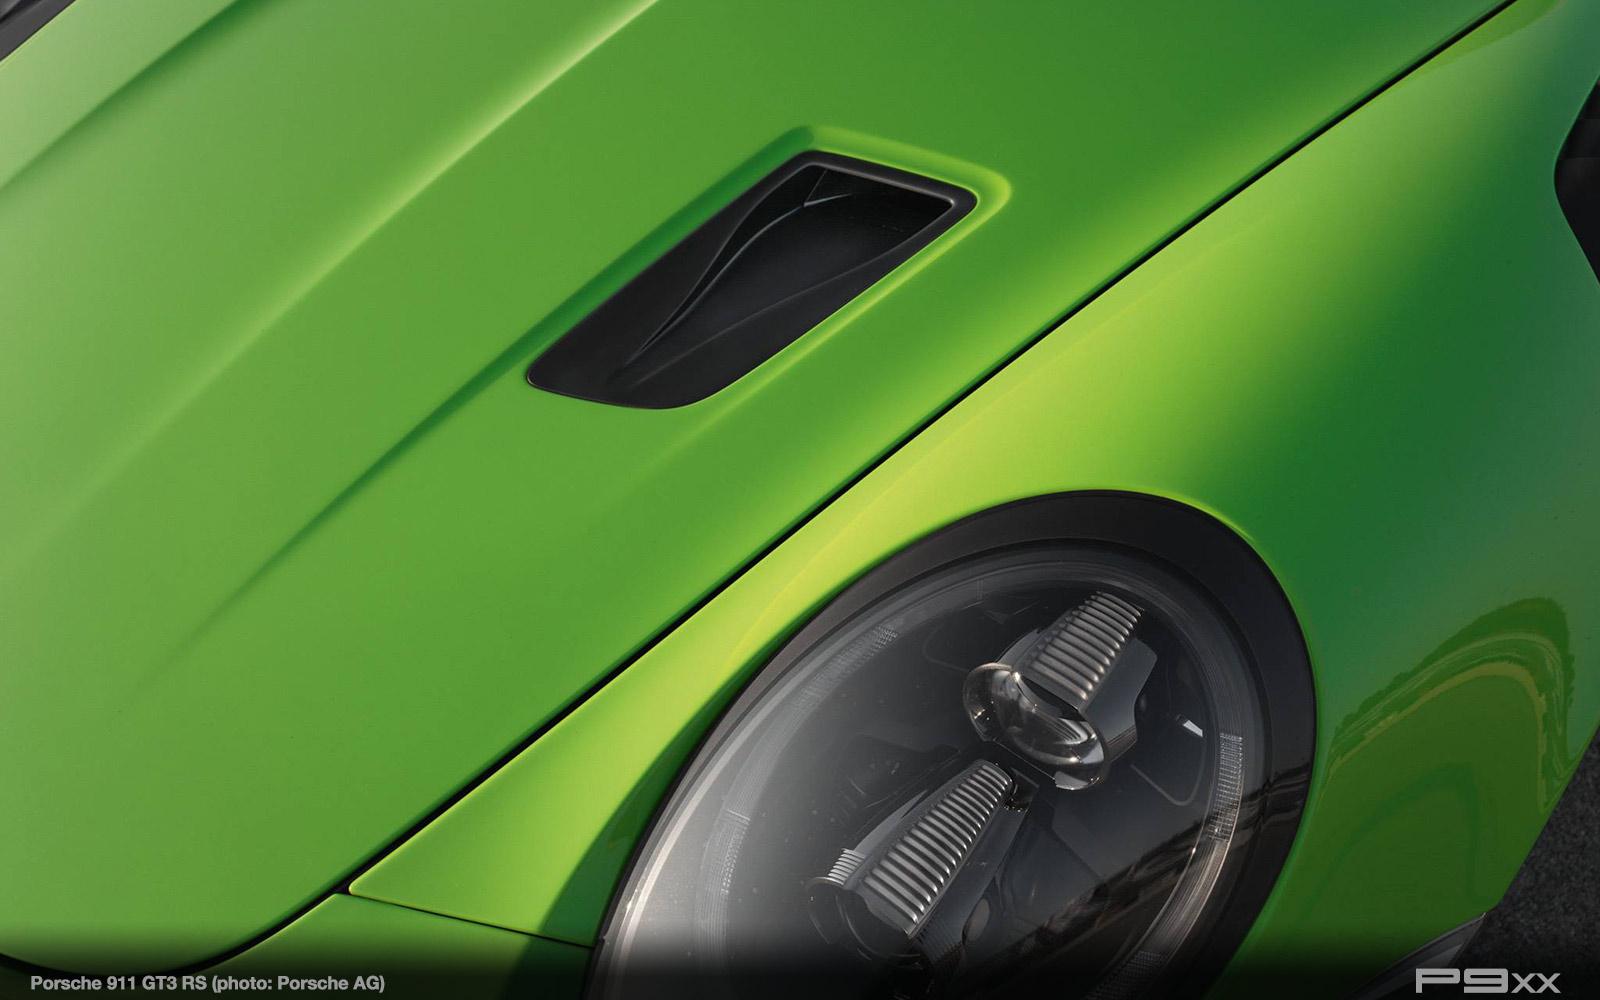 Porsche-991-2-911-GT3-RS-398